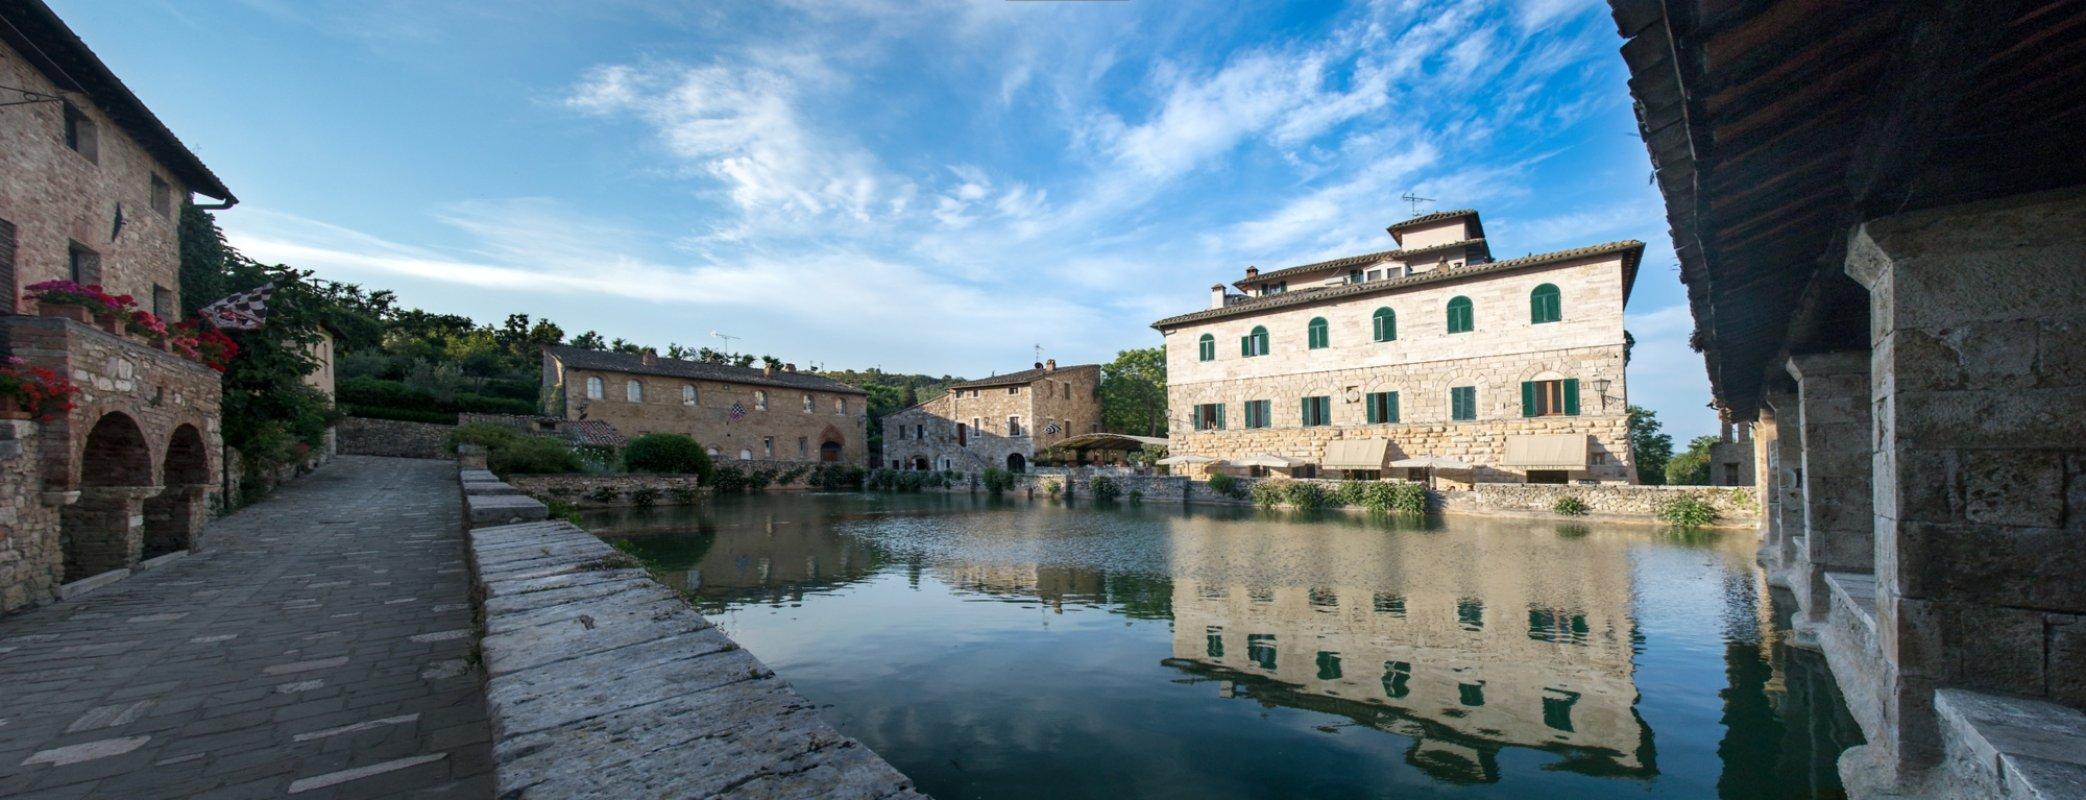 Bagno Vignoni: hot springs in Val D\'Orcia | Visit Tuscany